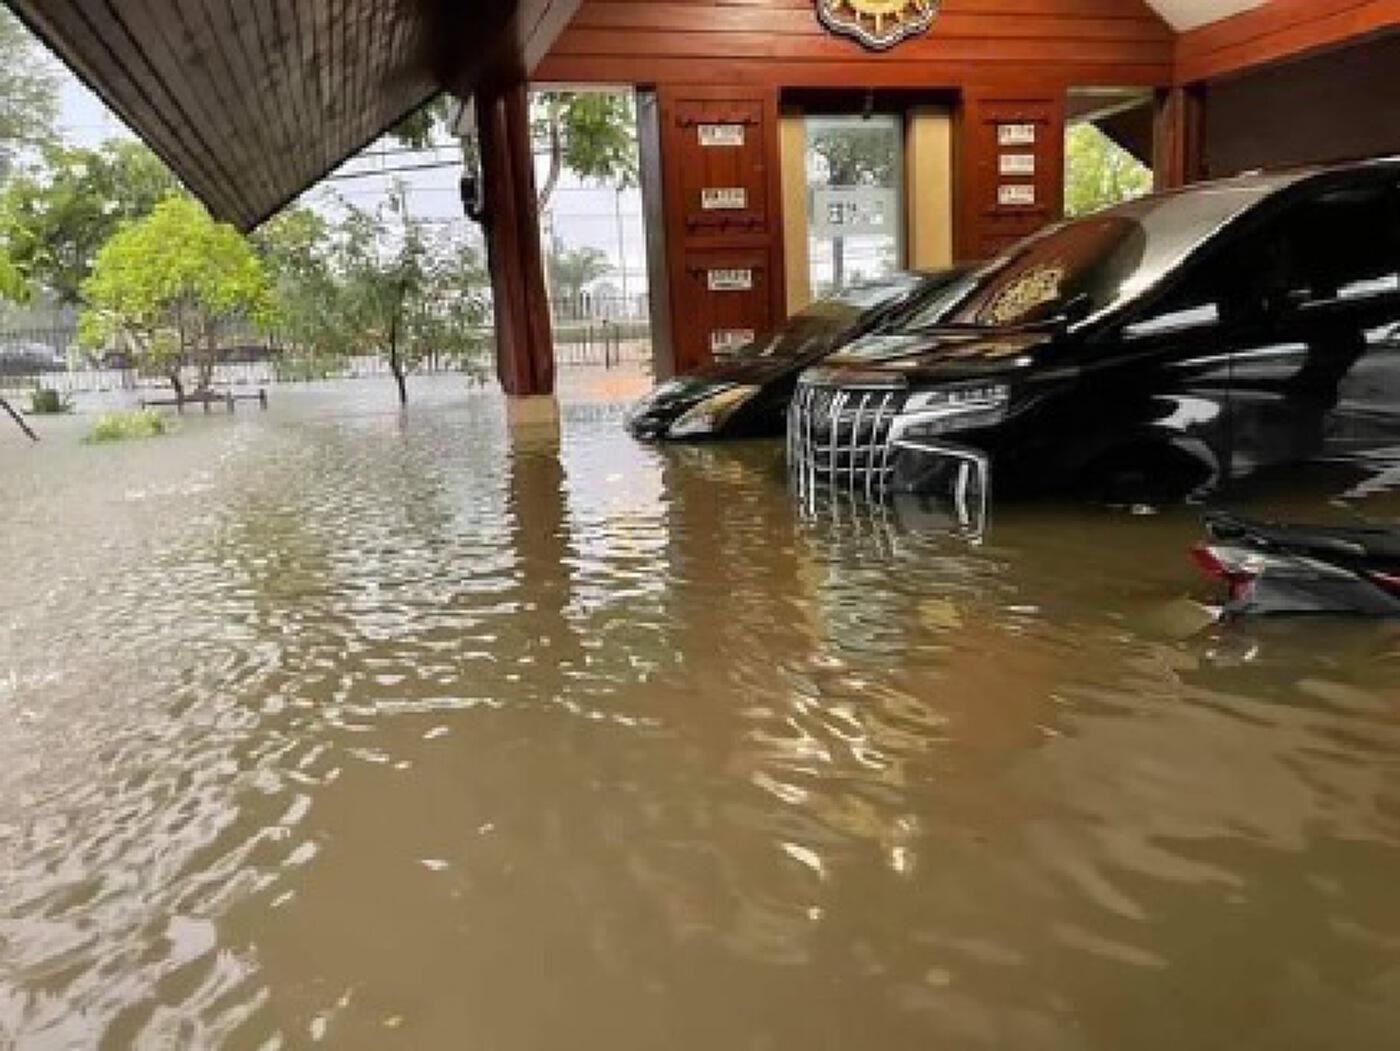 """สุโขทัย """"น้ำท่วม"""" หนัก บ้าน """"สมศักดิ์ เทพสุทิน"""" อ่วม"""